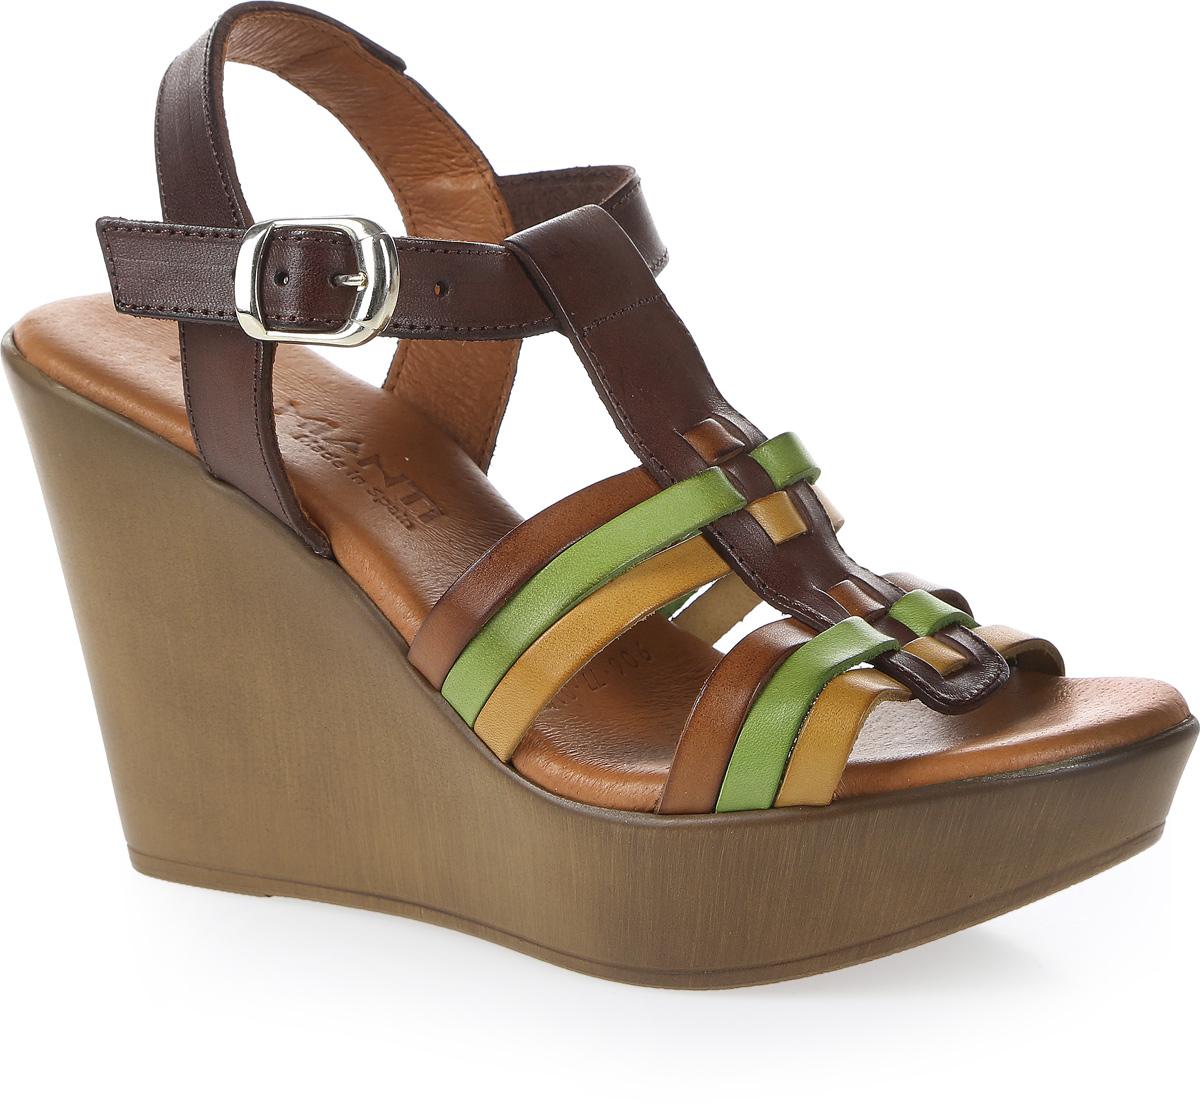 Босоножки женские Mia Mianti, цвет: коричневый, зеленый. 906-77-01/83. Размер 39906-77-01/83Удобные босоножки от Mia Mianti - незаменимая вещь в гардеробе каждой женщины. Модель выполнена из натуральной кожи и декорирована поперечными, контрастными ремешками. Ремешок с прямоугольной металлической пряжкой отвечает за надежную фиксацию модели на ноге. Длина ремешка регулируется за счет болта. Стелька из натуральной кожи, дополненная названием бренда, комфортна при ходьбе. Высокая танкеткакомпенсирована платформой. Подошва с рифлением обеспечивает отличное сцепление с любыми поверхностями. Стильные босоножки прекрасно дополнят любой из ваших образов.